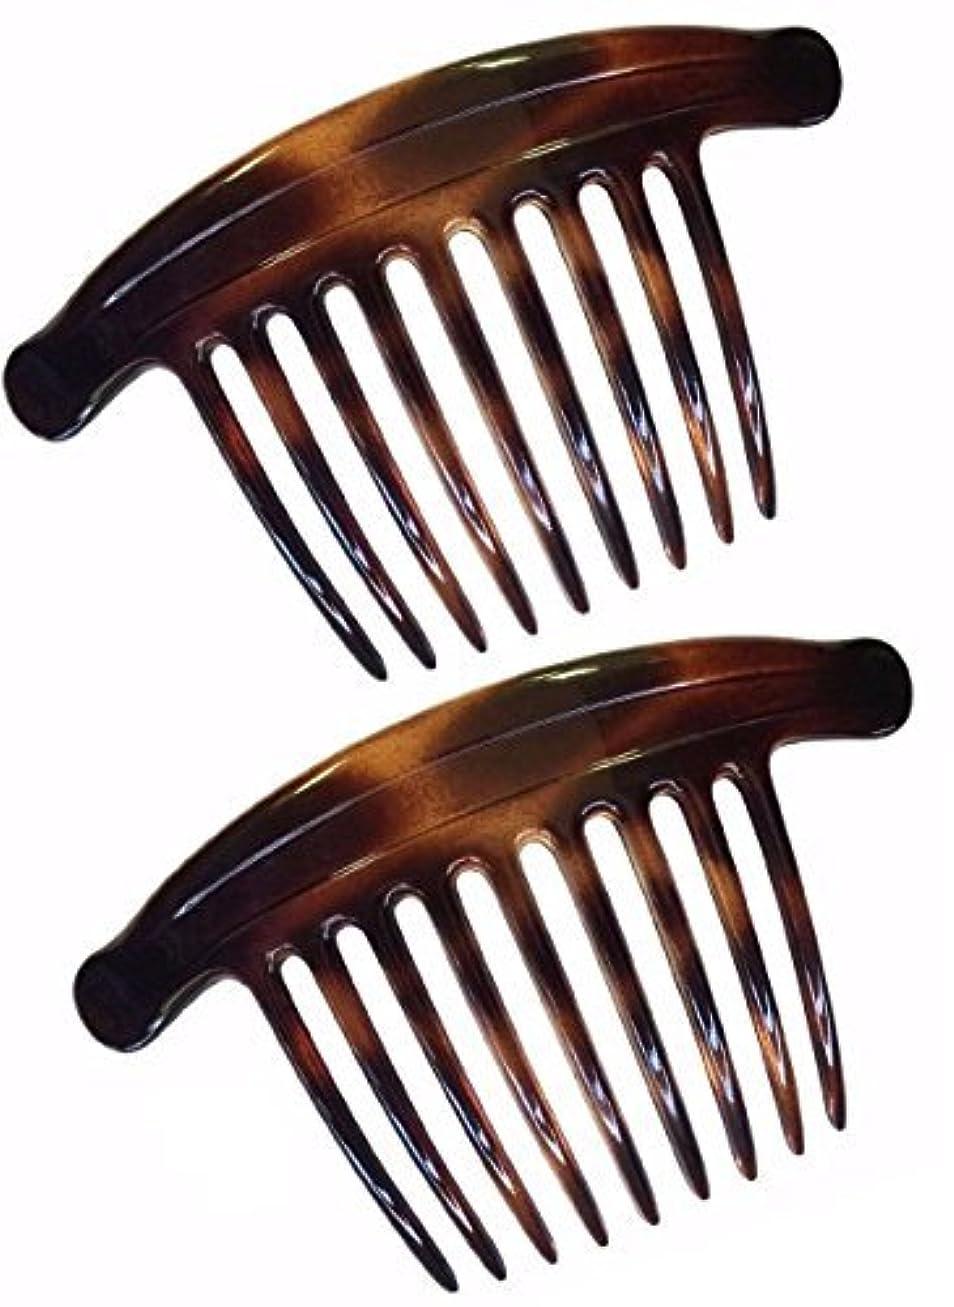 準備鮫文字通りParcelona French Lip Interlocking 9 Teeth 4.5 Inch Large Cellulose Tortoise Shell Side Hair Combs [並行輸入品]